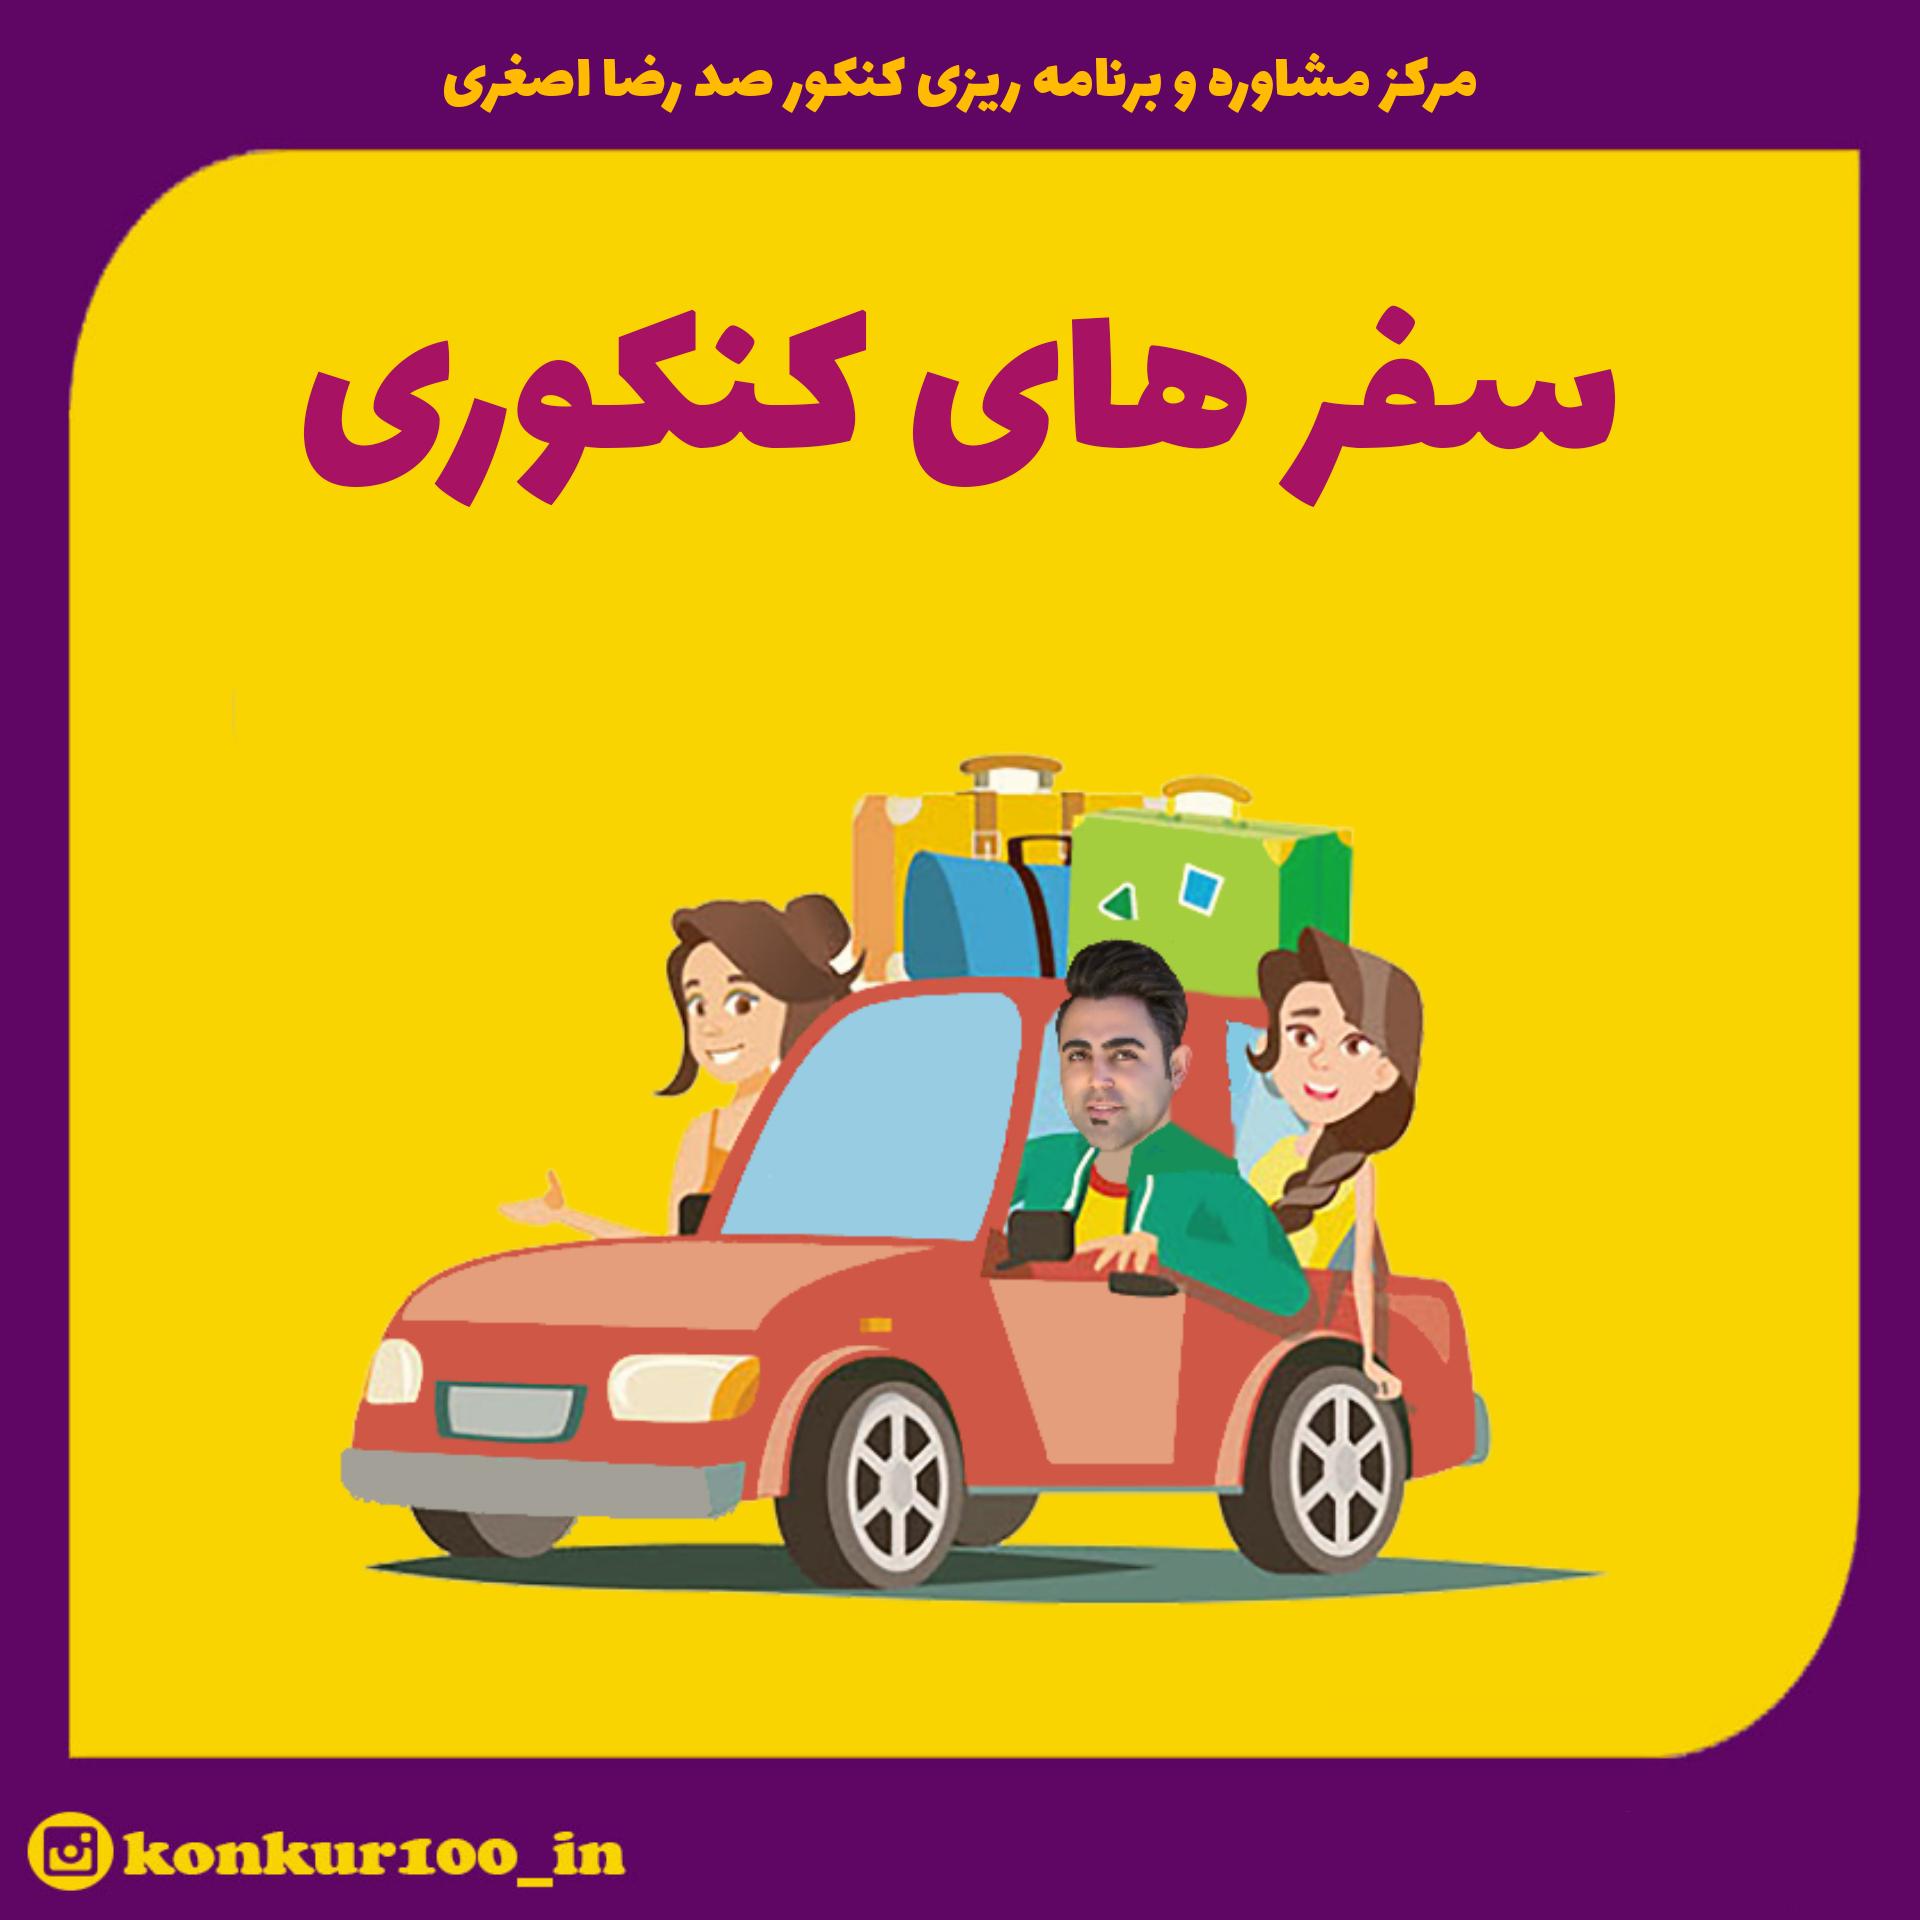 ویدیو انگیزشی « سفر های کنکوری » رضا اصغری